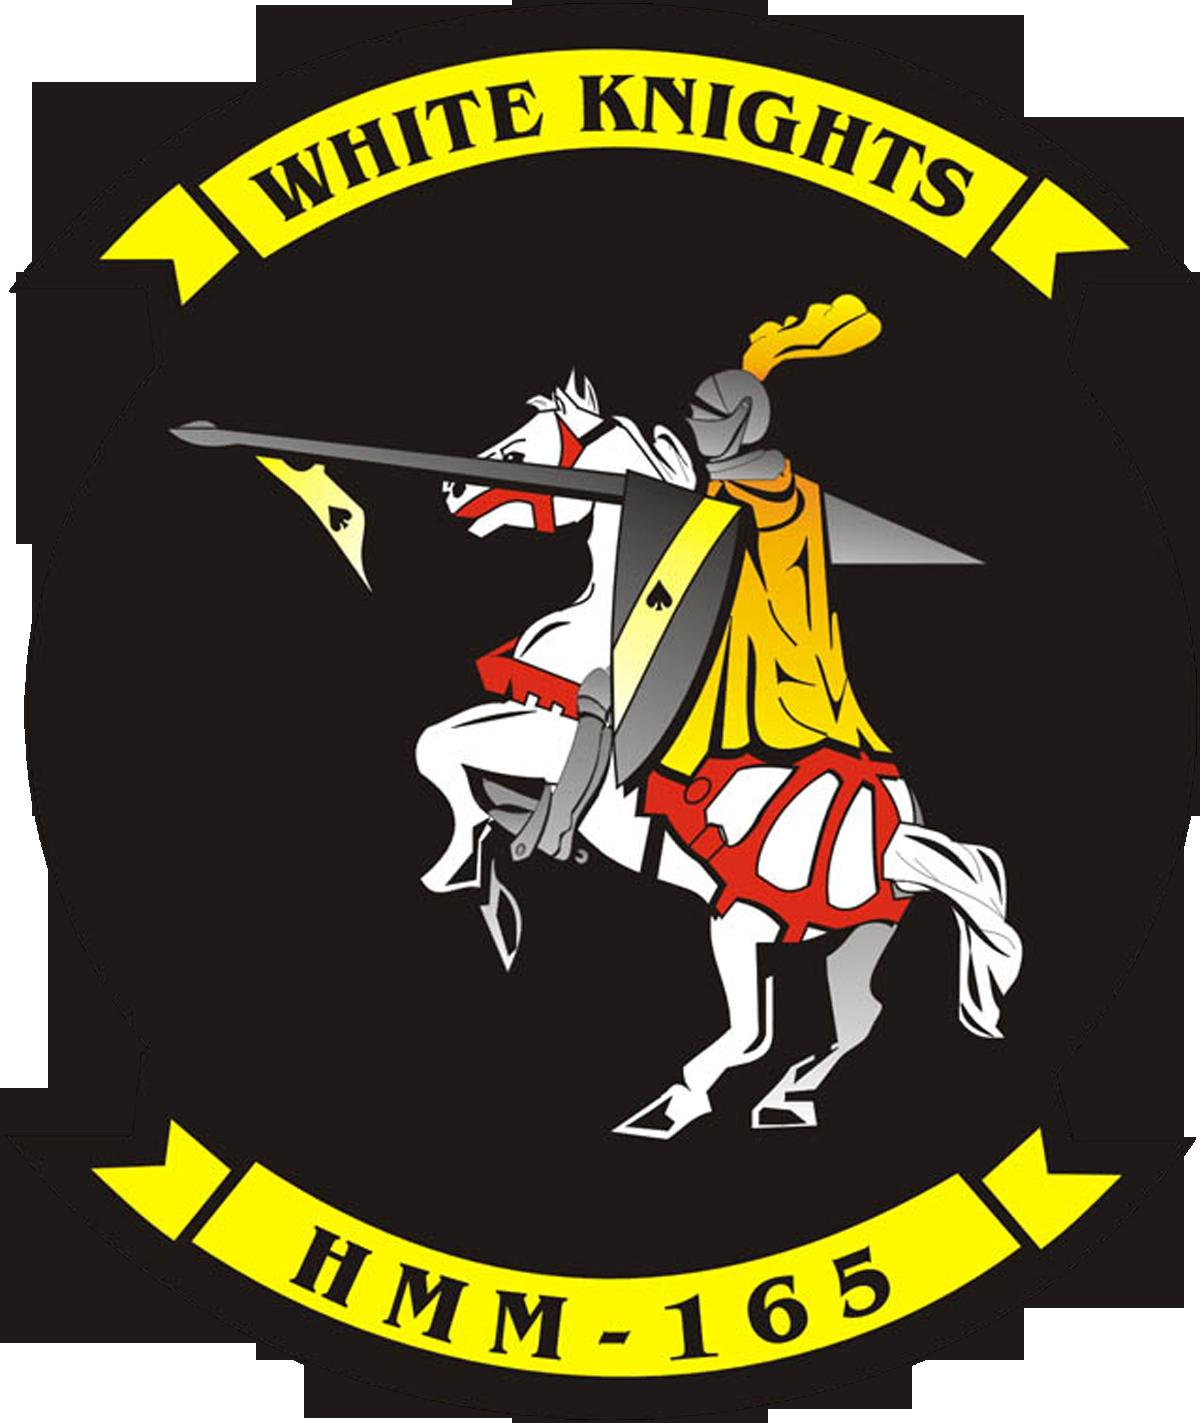 Les Chiffres en Image - Page 7 HMM-165_insignia